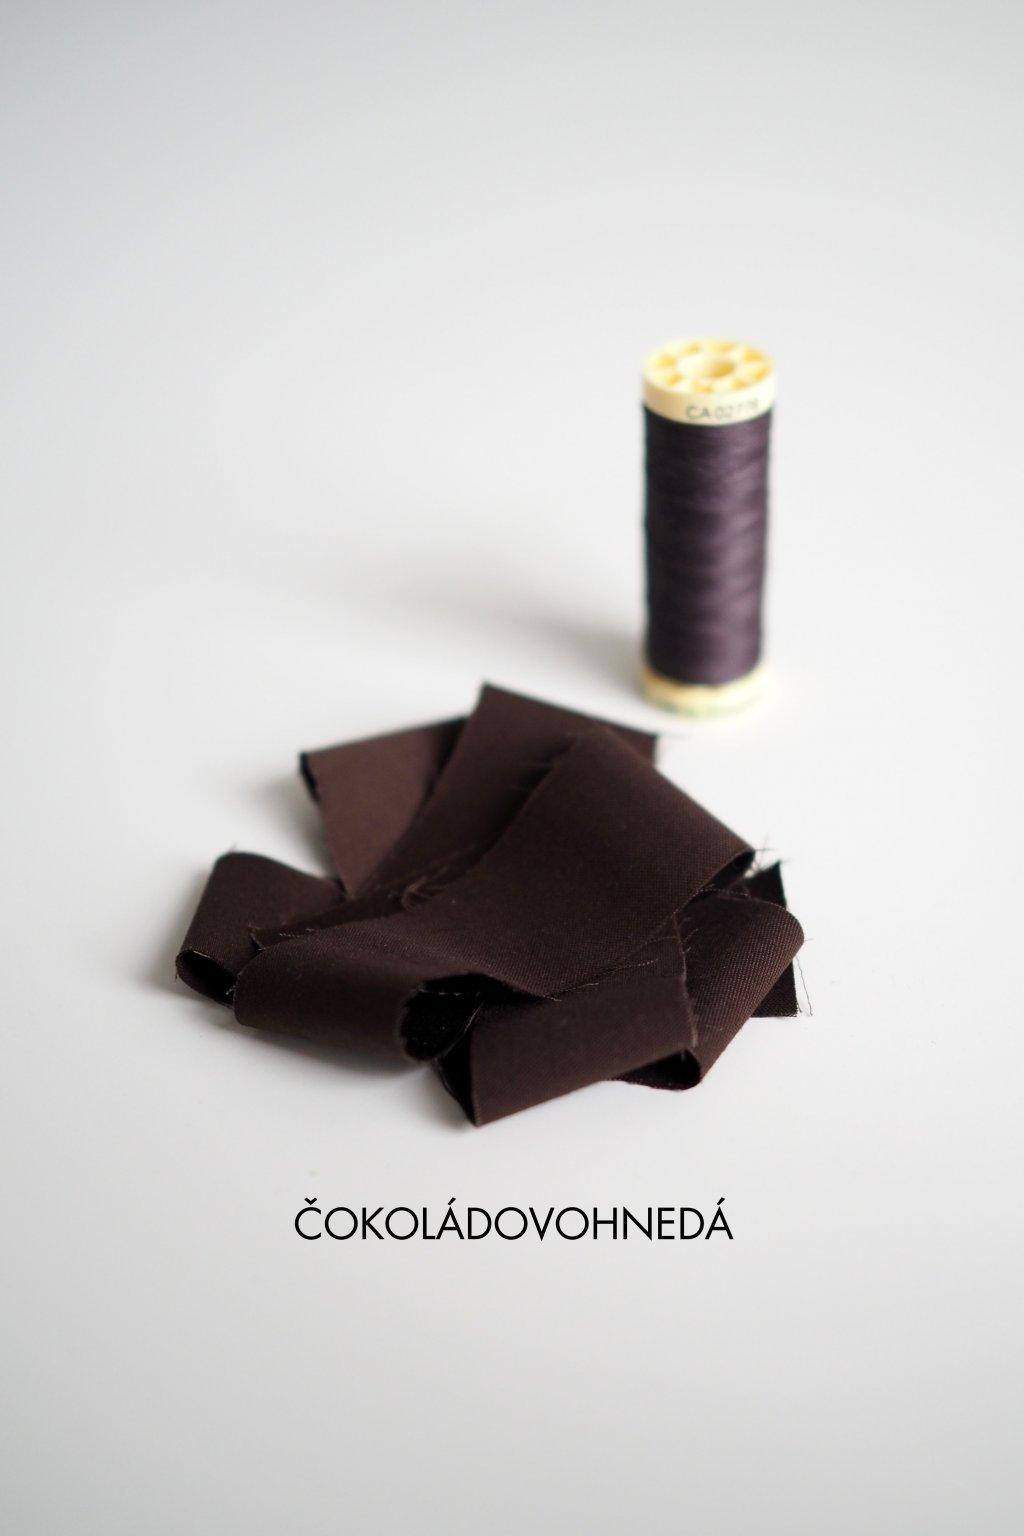 ZIK Culotte nohavice olivovozelené (2)